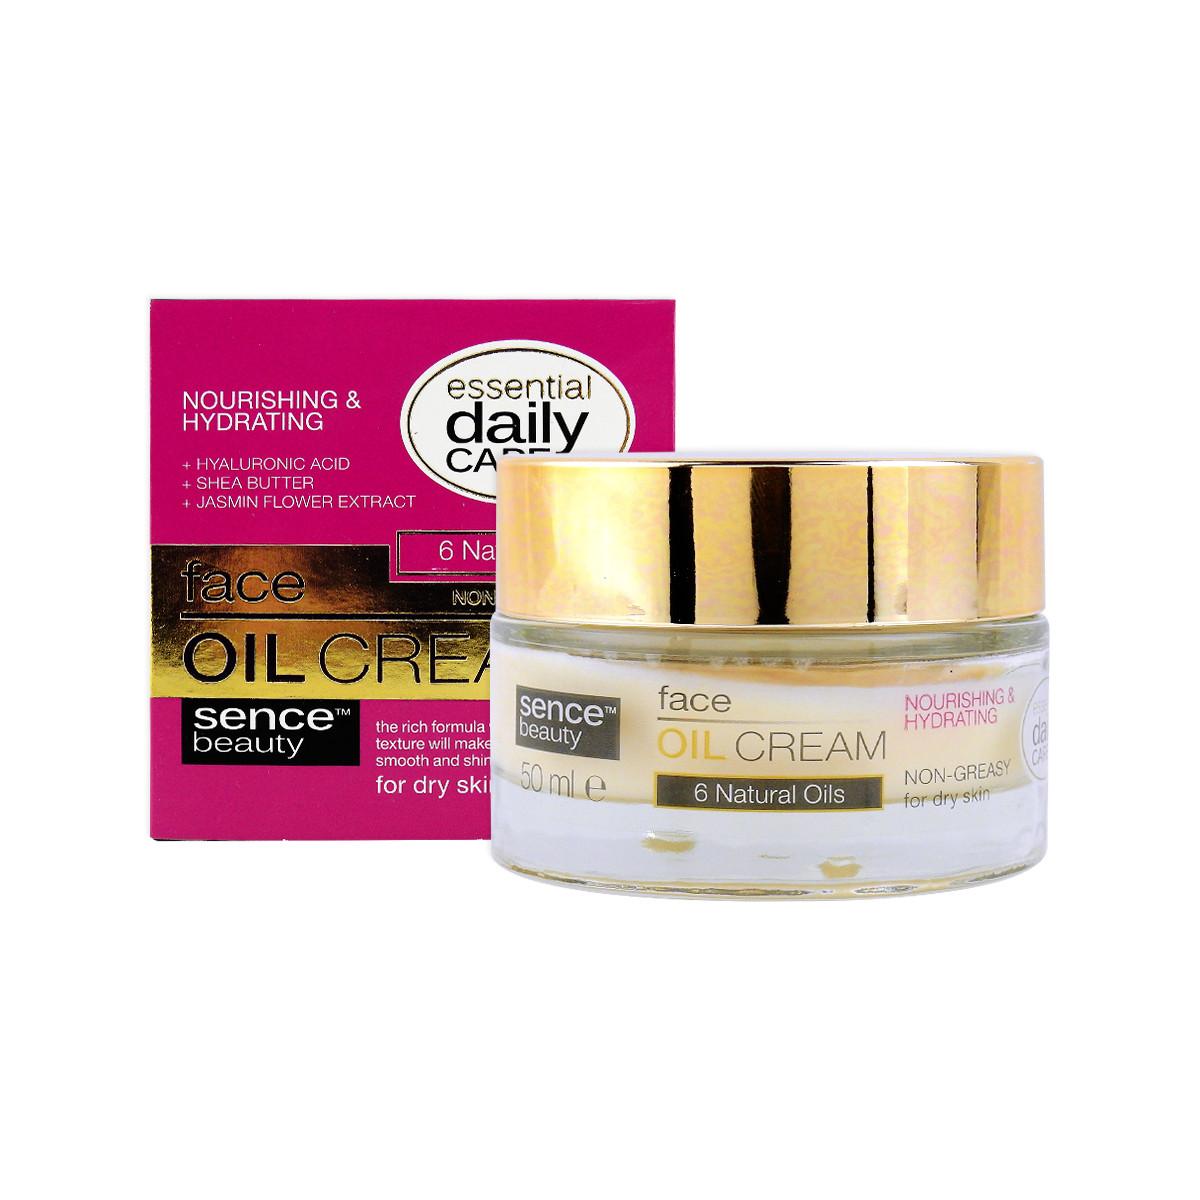 image of 歐洲Sencebeauty 美容精華霜 50ml (乾燥肌)         Europe Sencebeauty Face Oil Cream Non-Grasy For Dry Skin 50mL